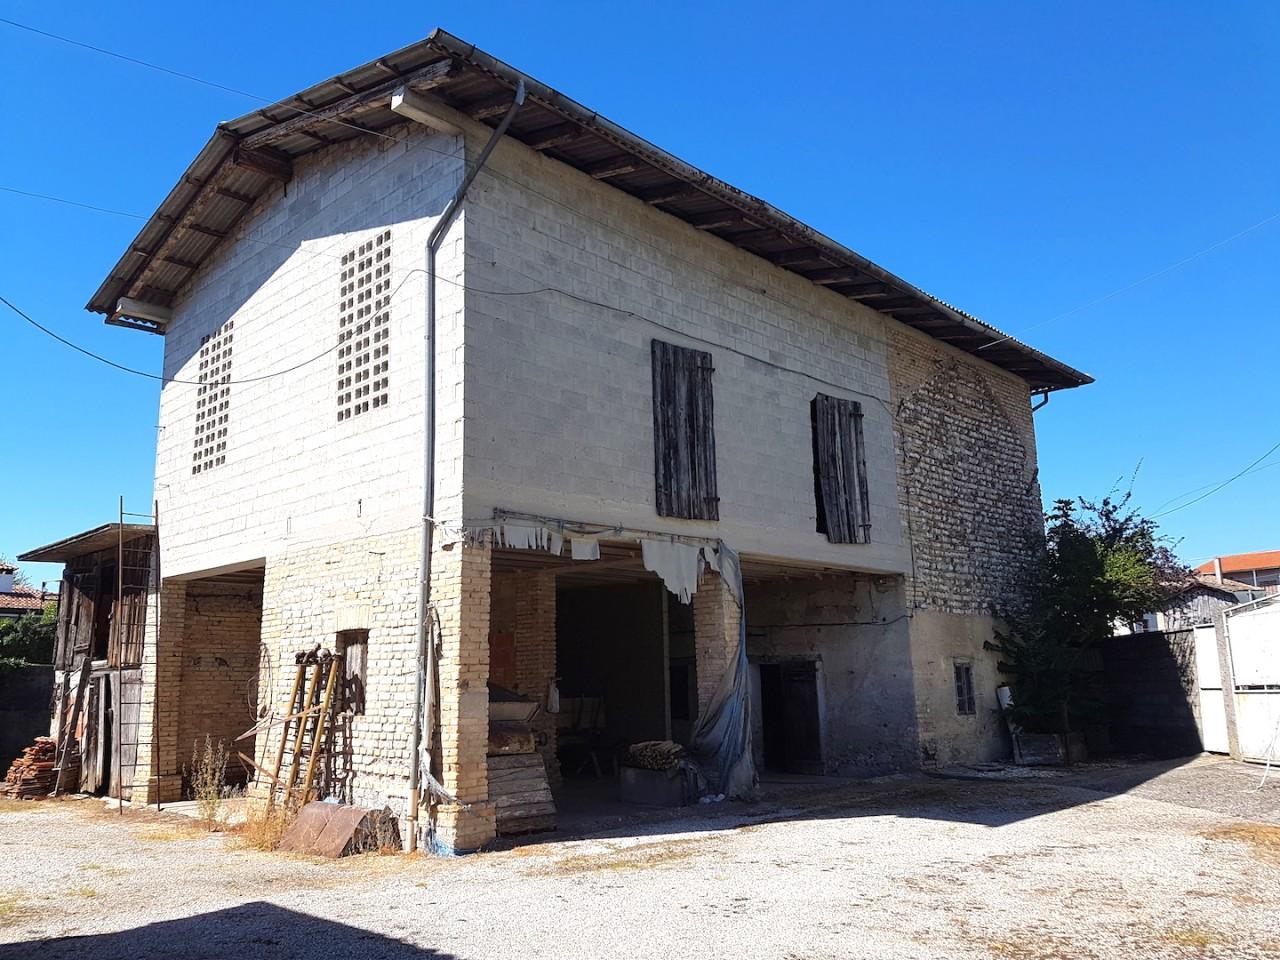 Grande proprietà in vendita a Valvasone-Arzene - Rif.R13 https://media.gestionaleimmobiliare.it/foto/annunci/190926/2074189/1280x1280/005__20160808_150158.jpg